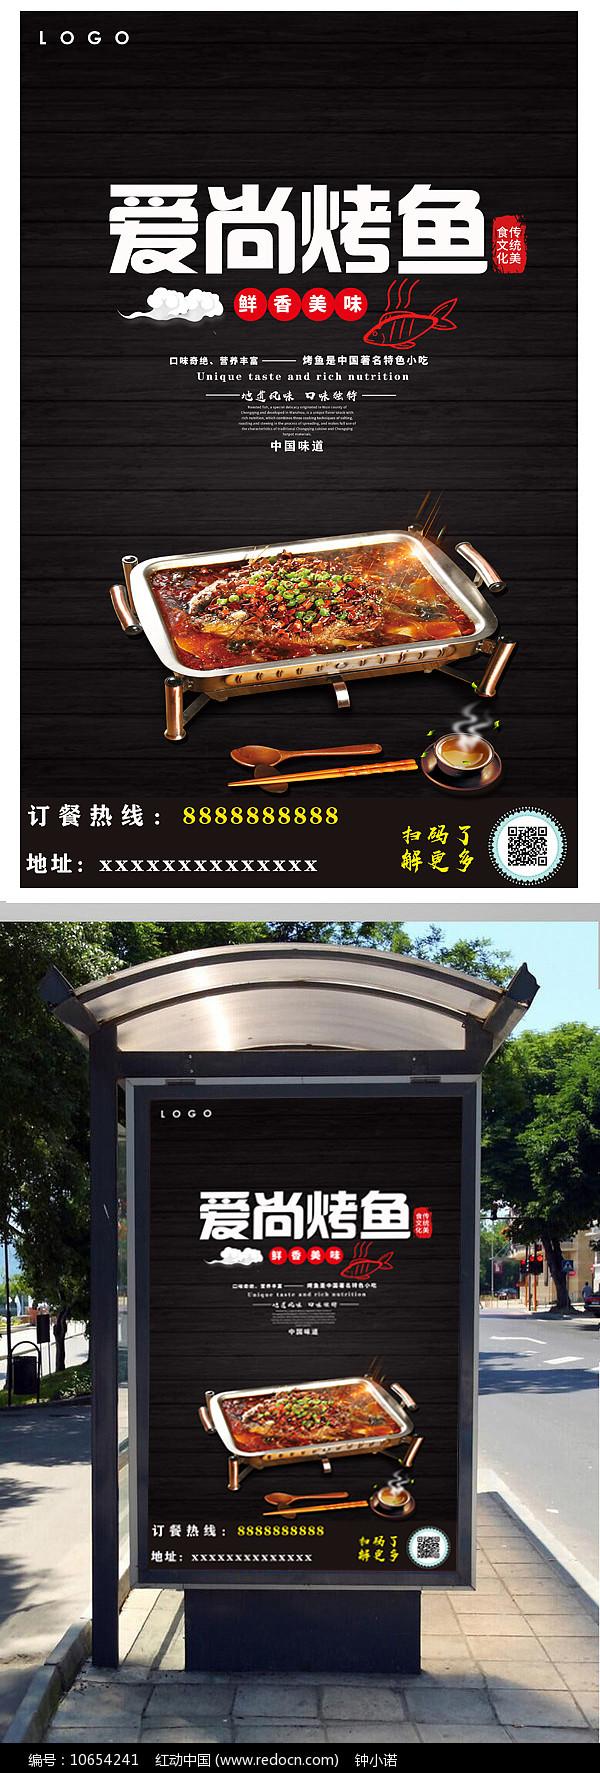 时尚美味特色烤鱼海报图片